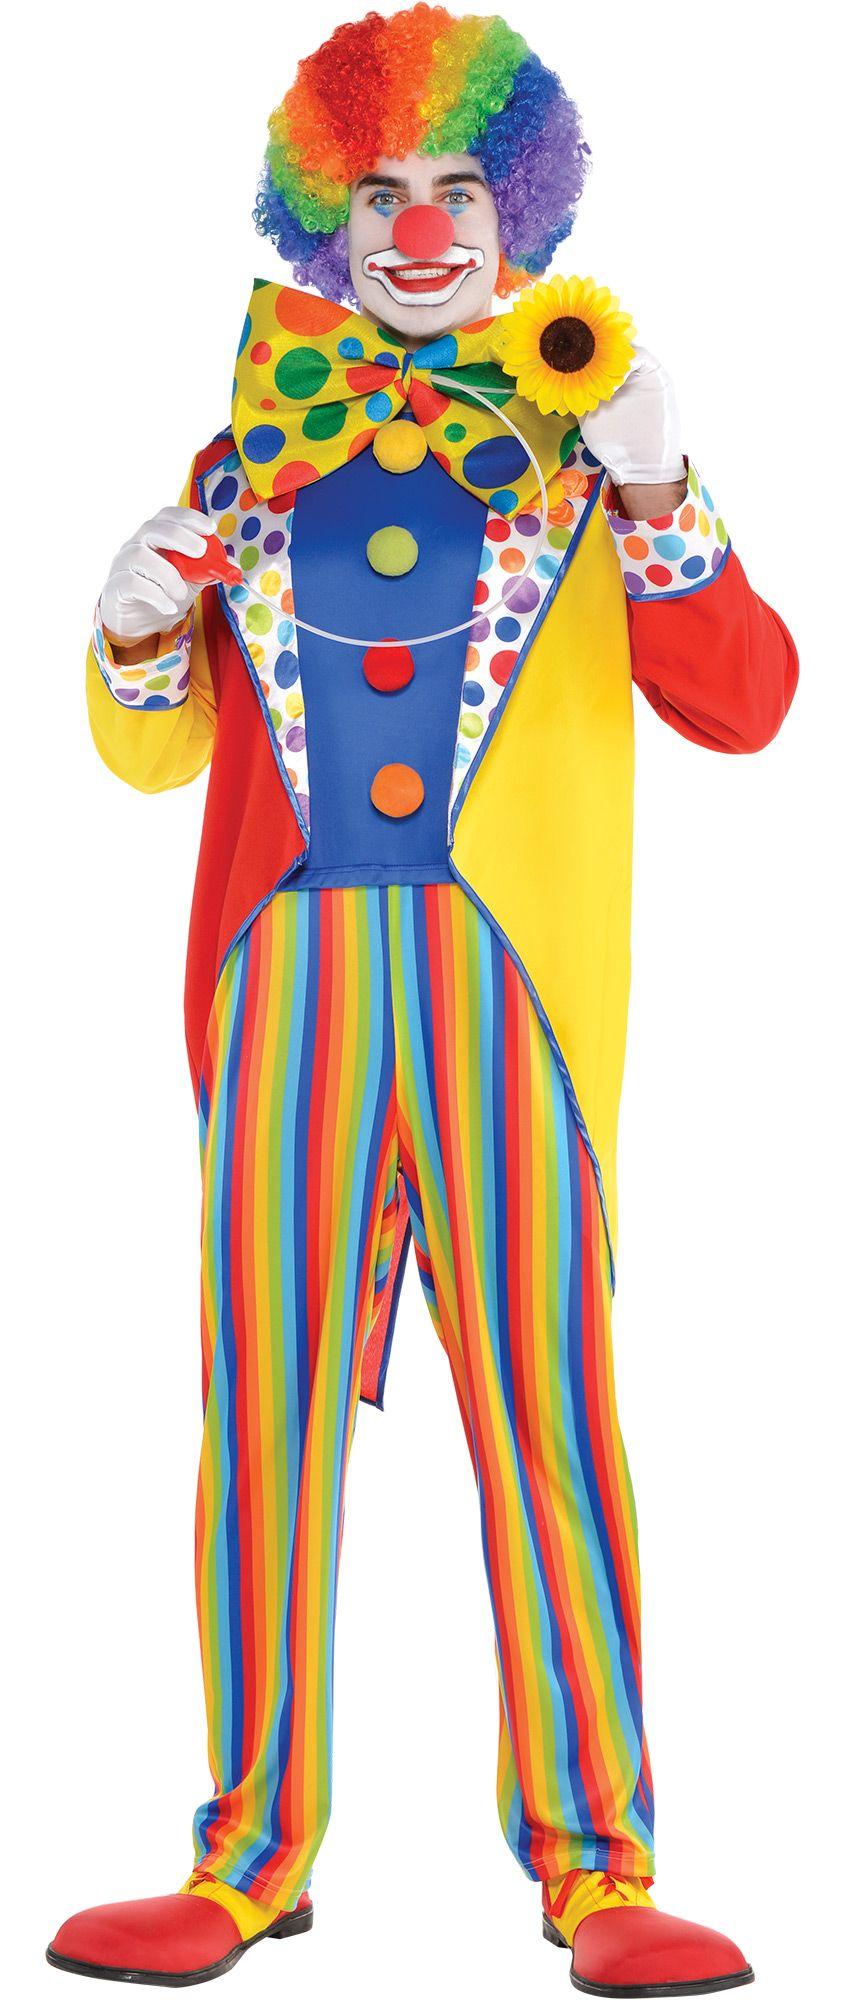 Create Your Own Look - Men's Clown